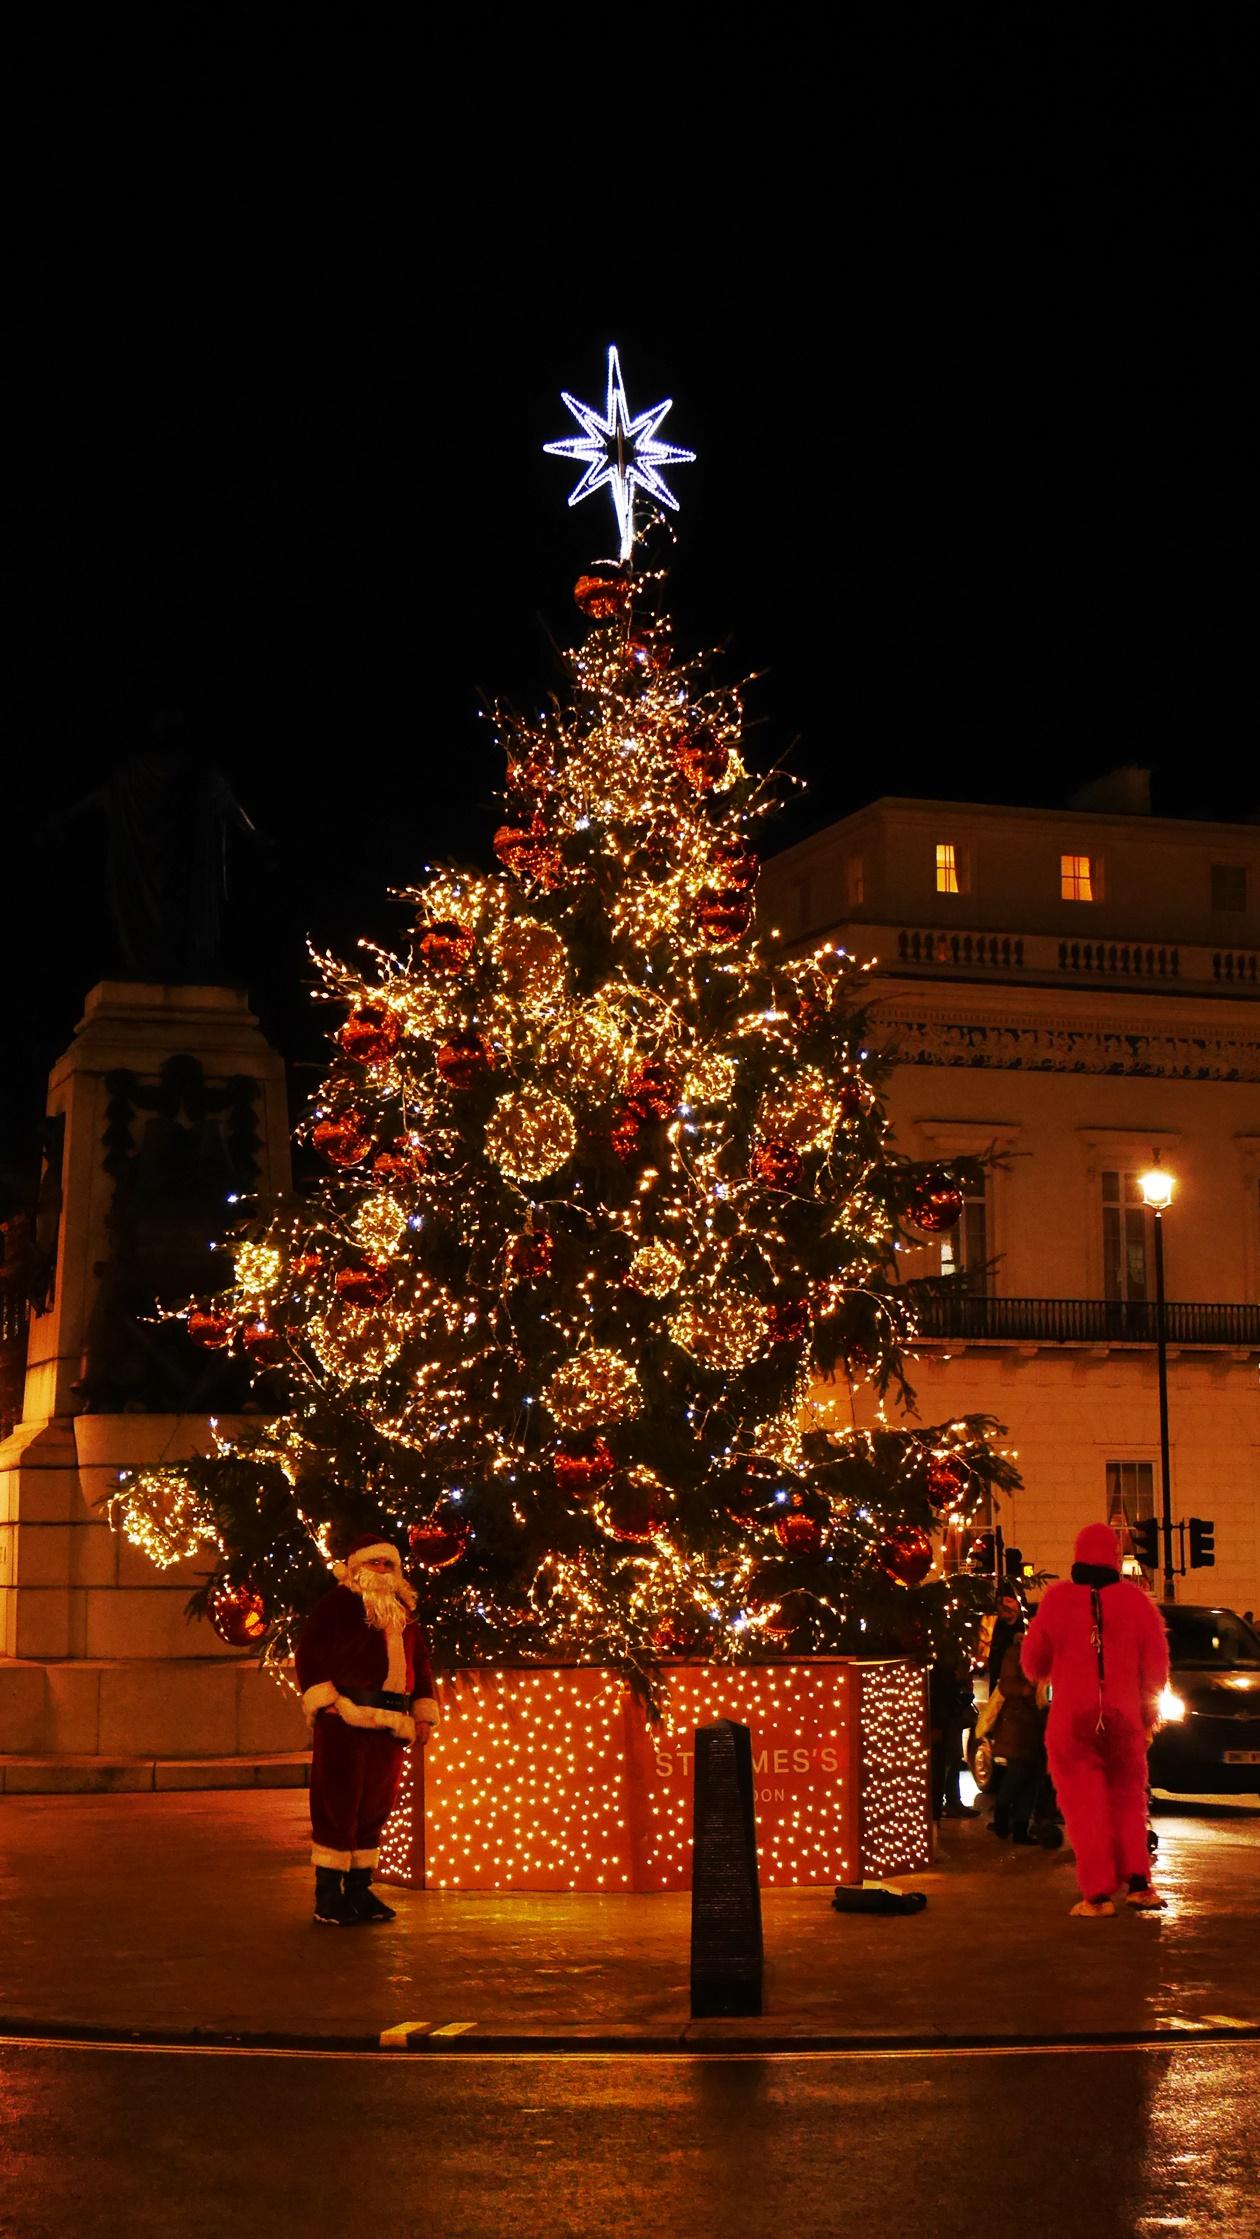 Der wohl schönste Weihnachtsbaum Londons steht am Piccadilly Circus